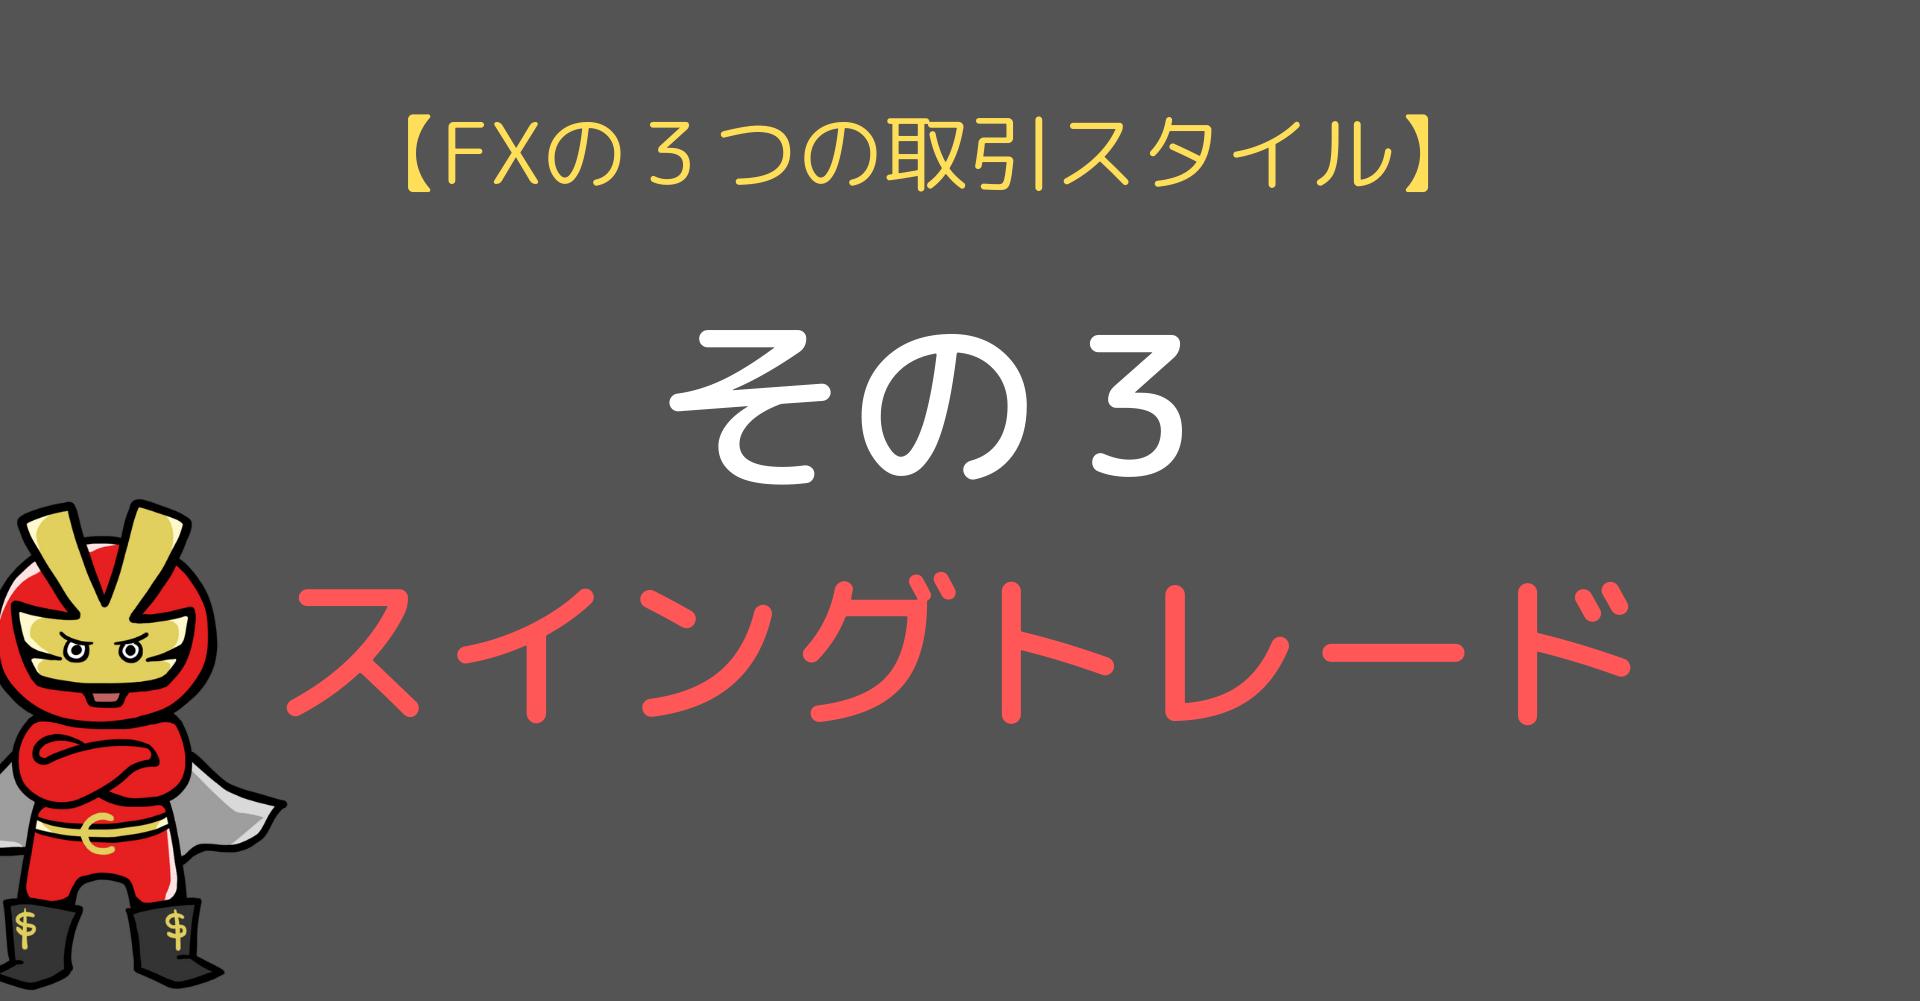 FXの3つの取引スタイルースイングトレード